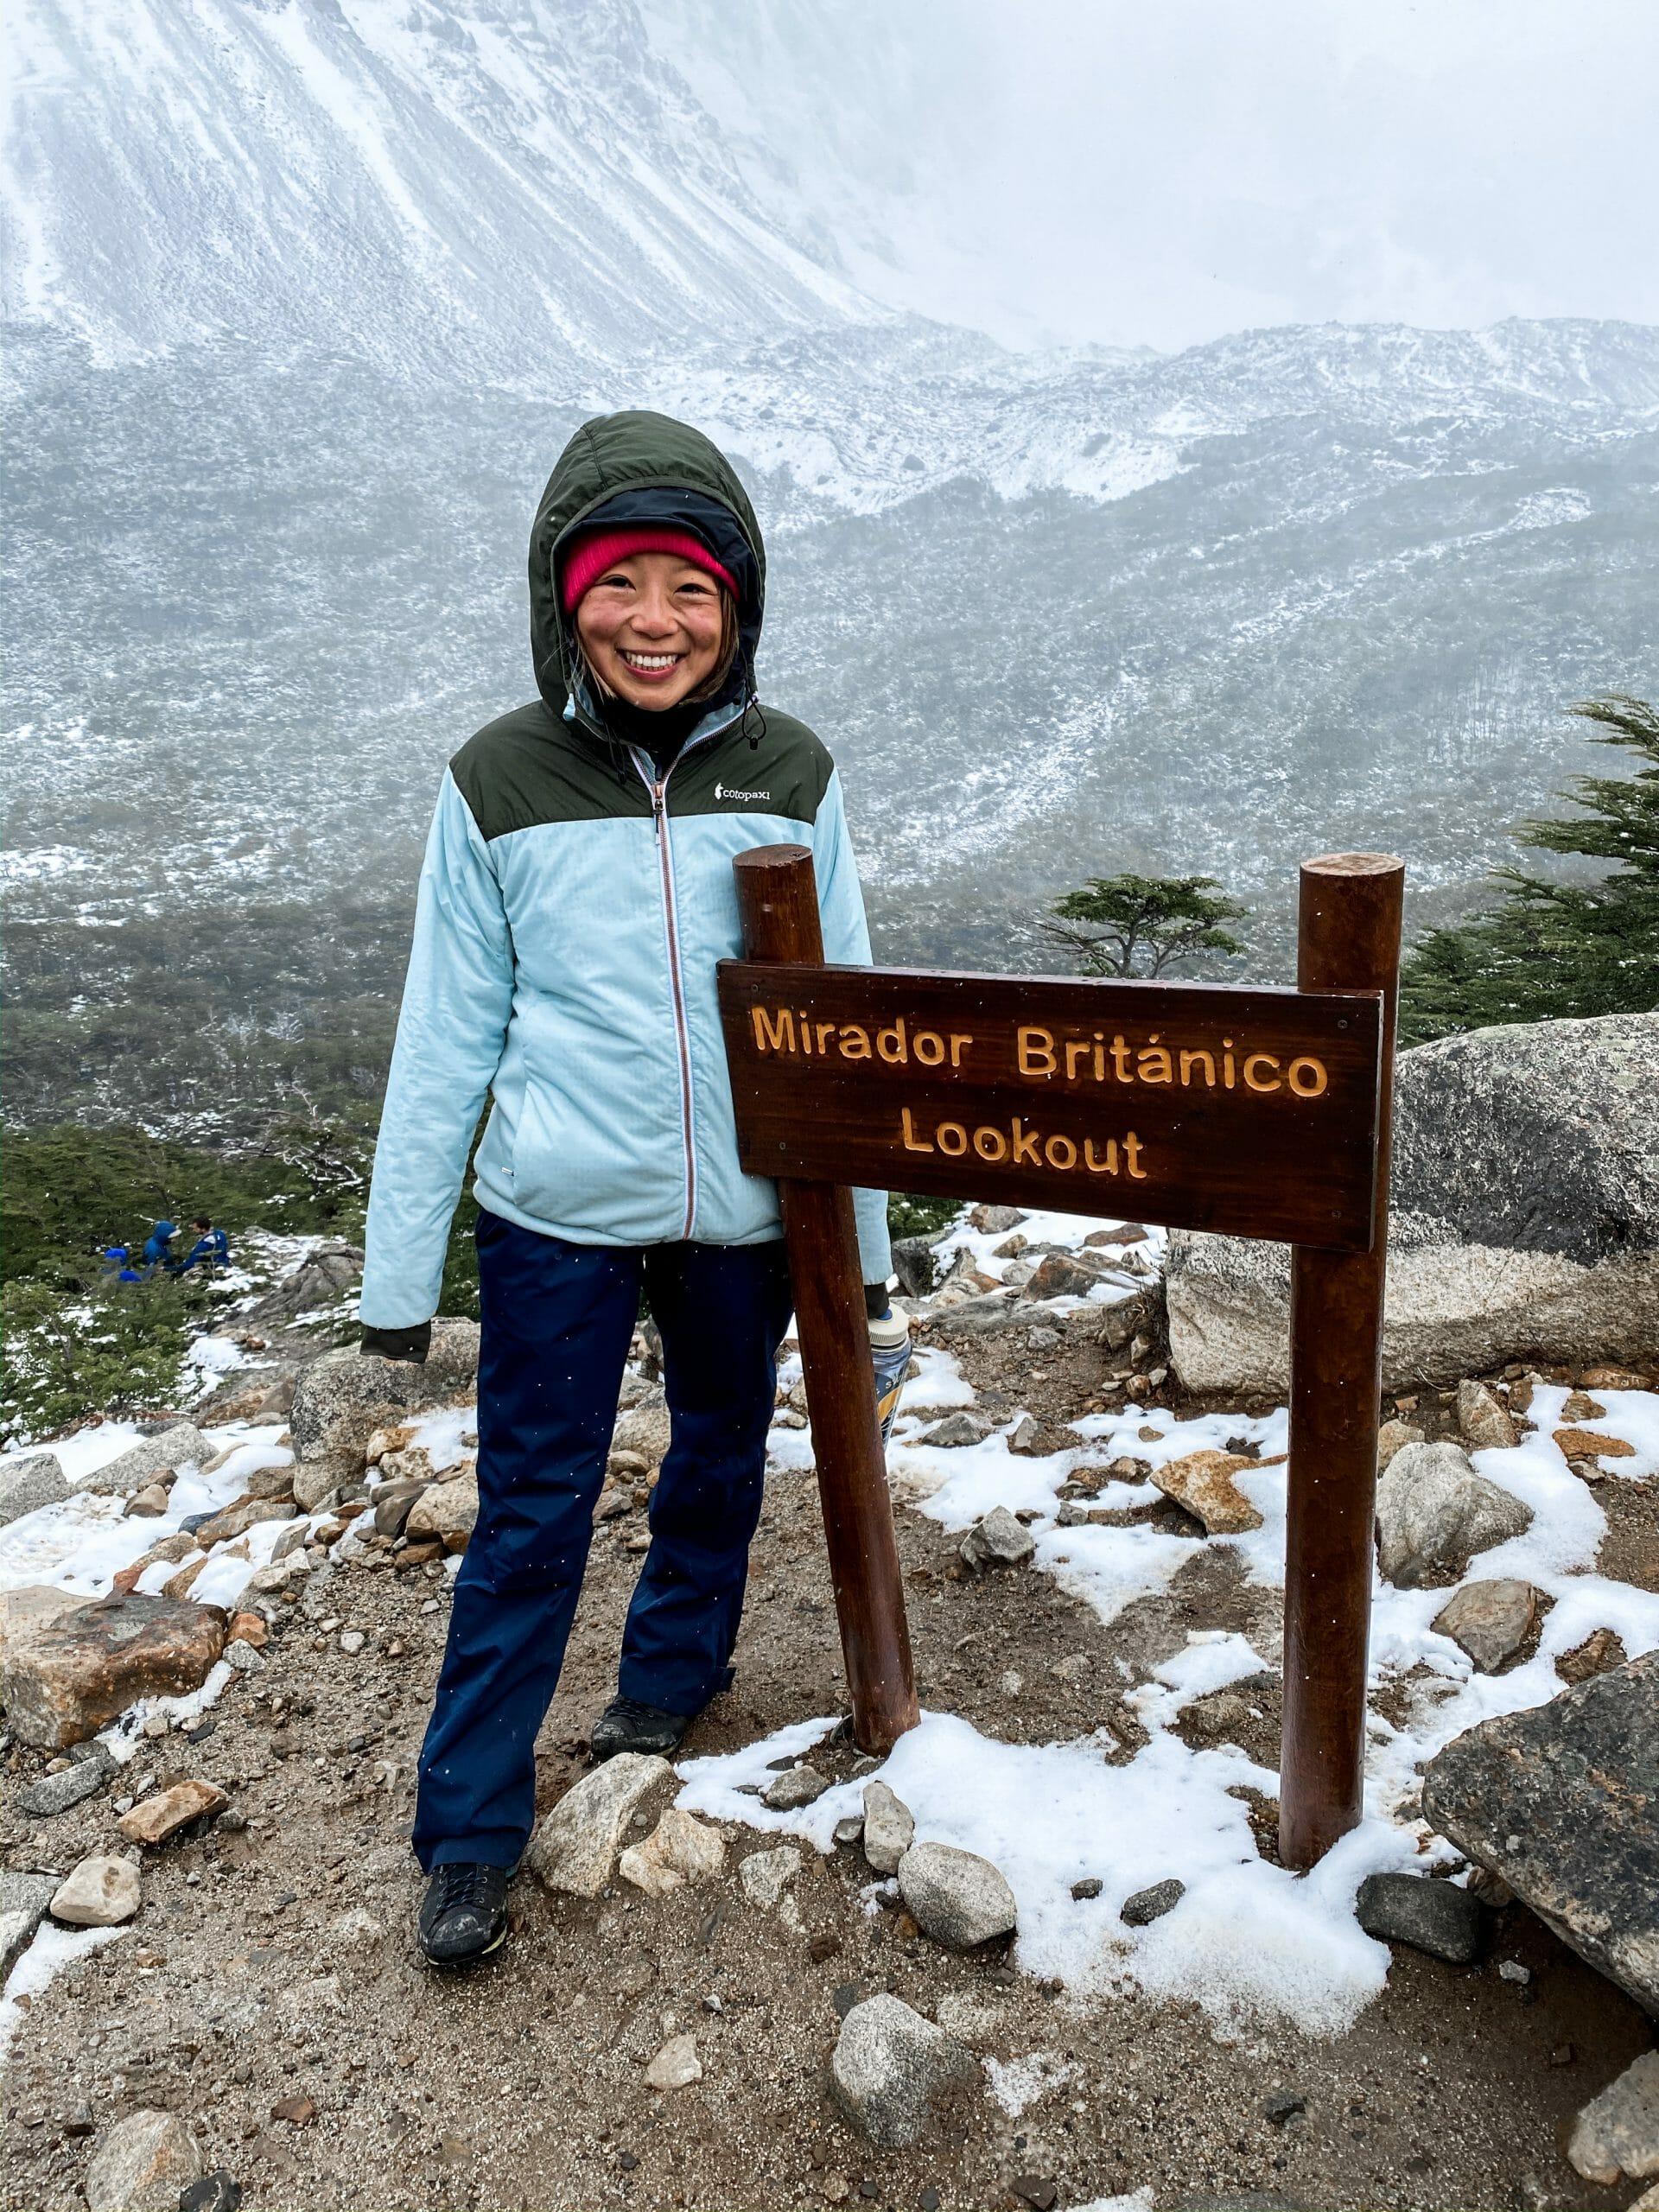 Mirador Britanico - Torres del Paine W Trek